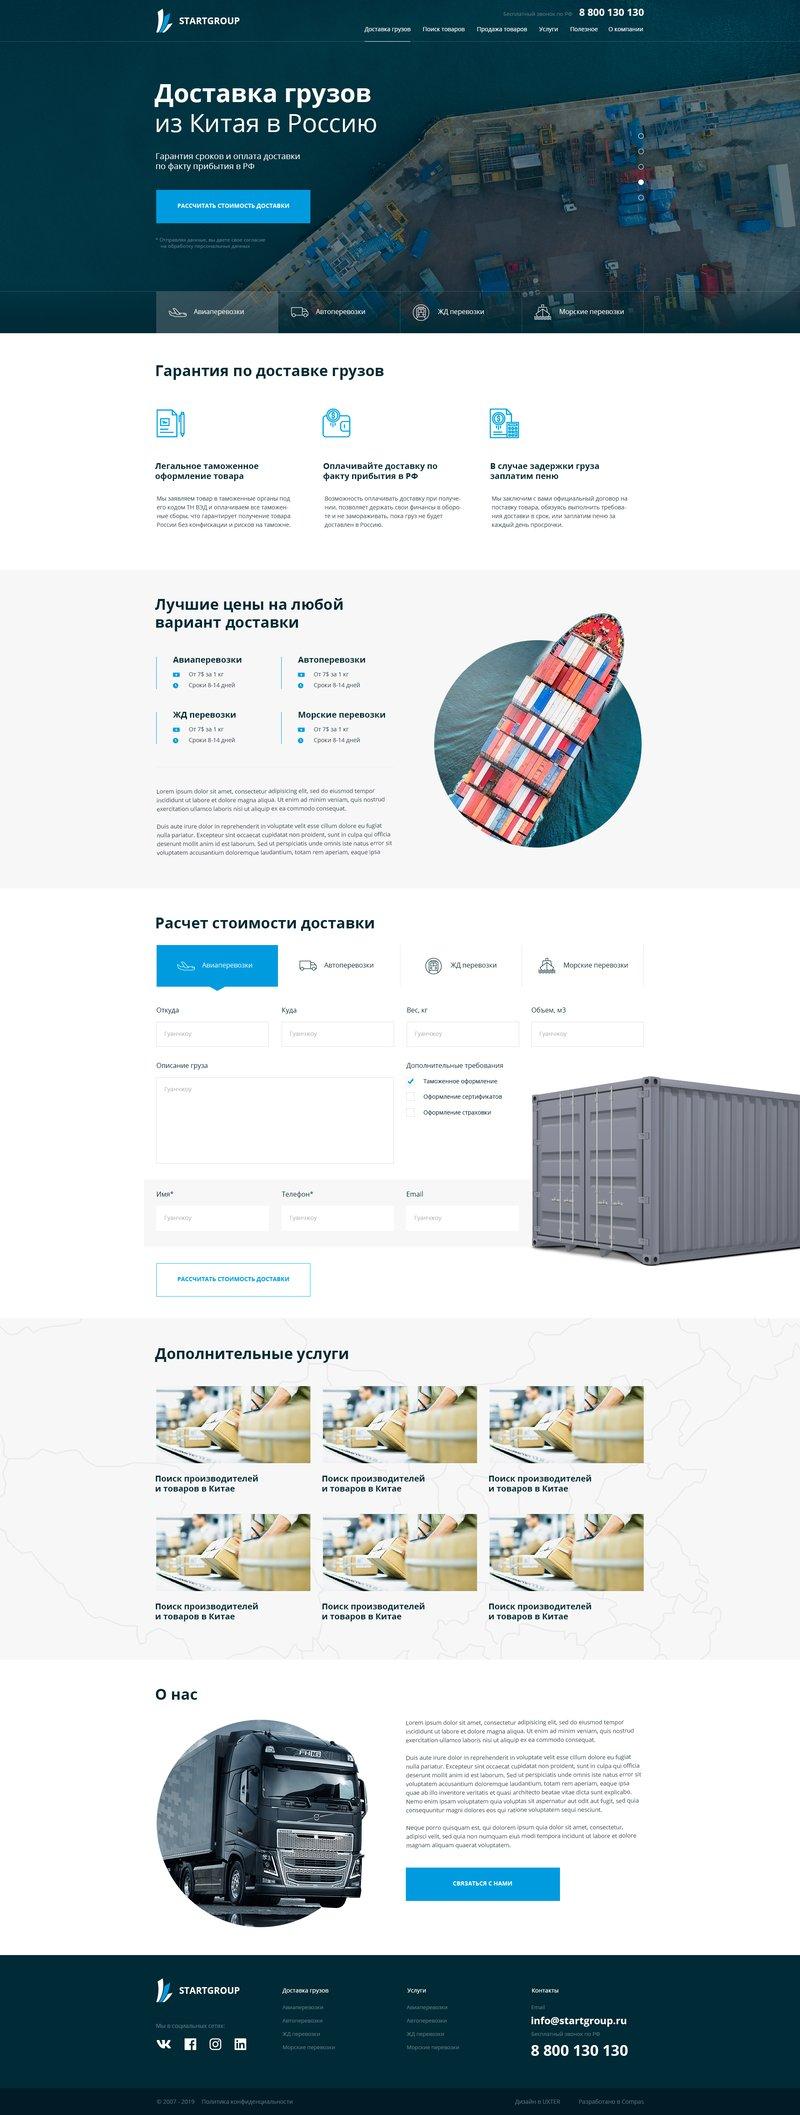 Дизайн сайта логистической компании – работа в портфолио фрилансера